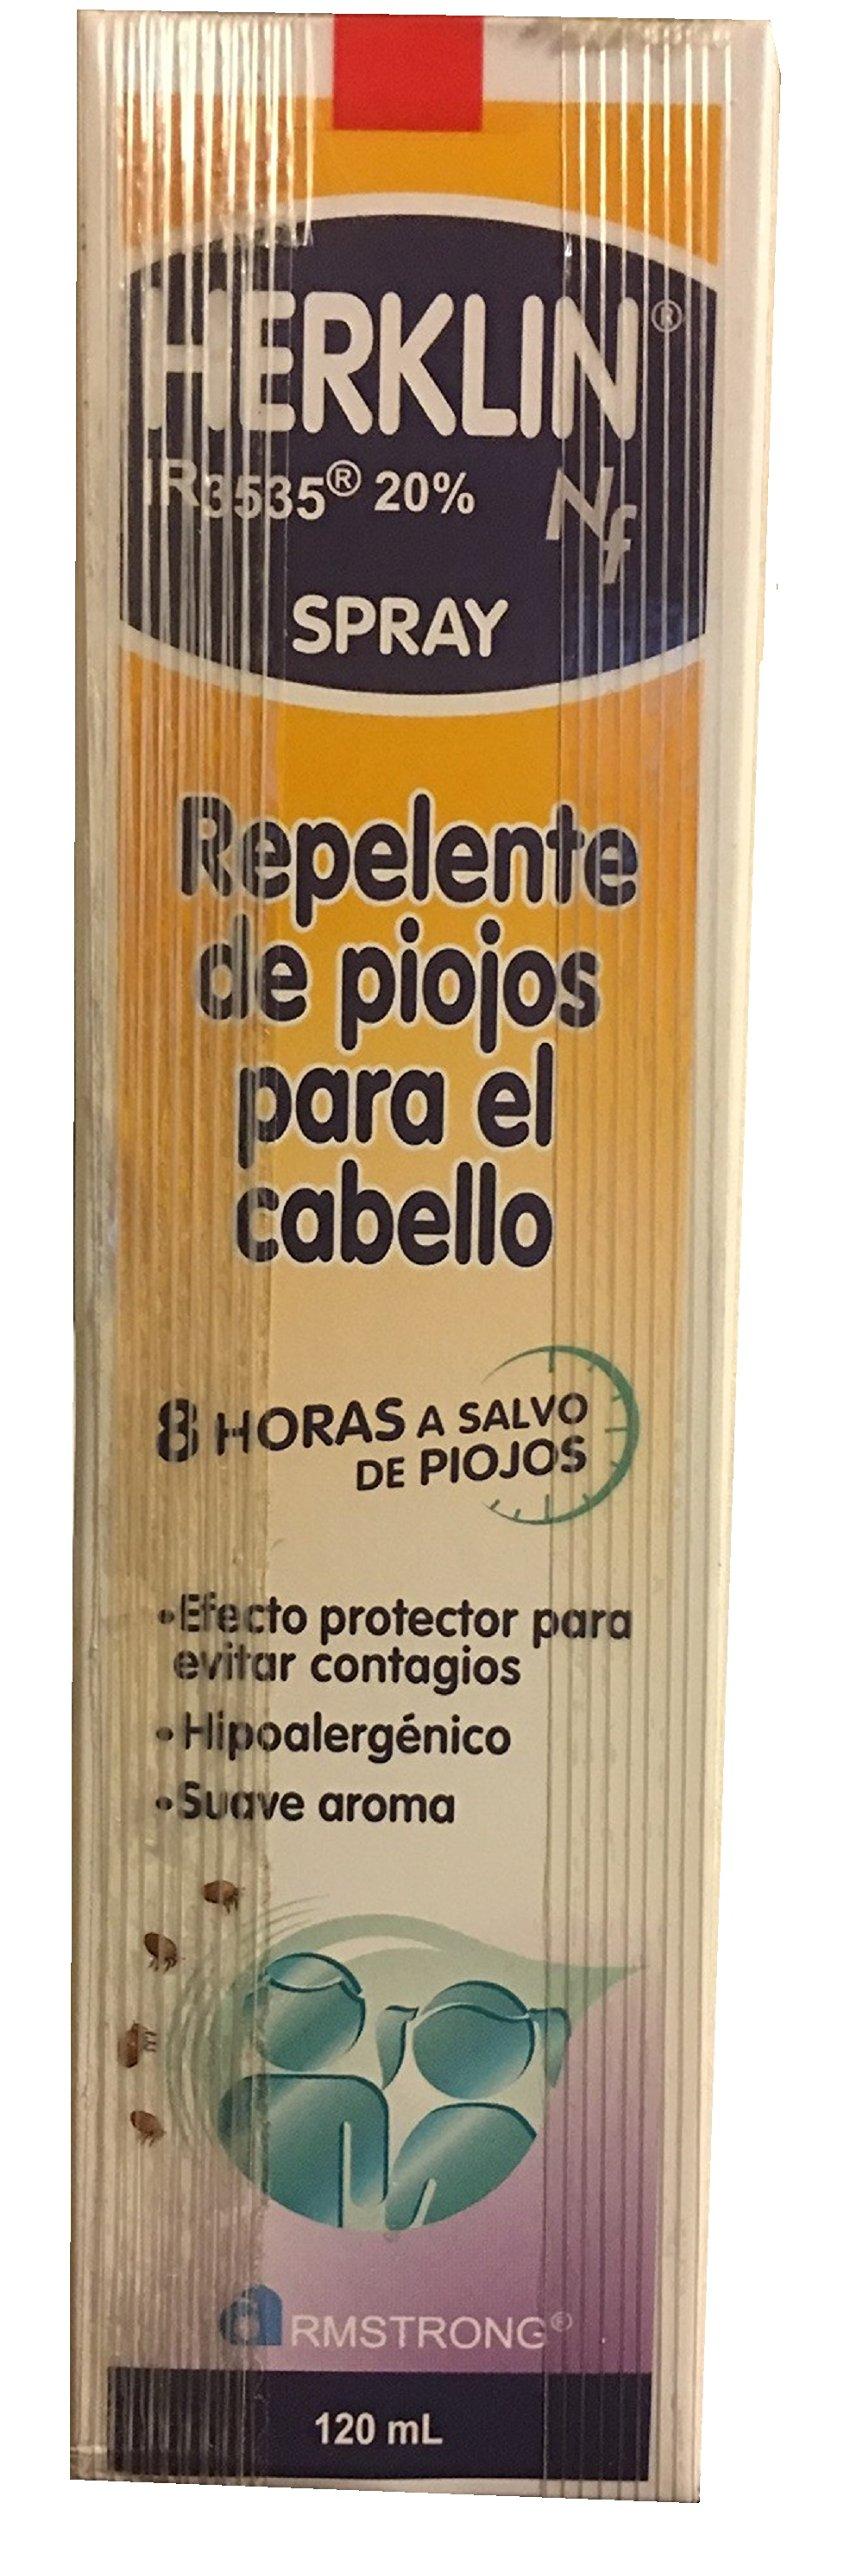 Herklin Repelente de piojos para el cabello/ Lice Repelent Spray